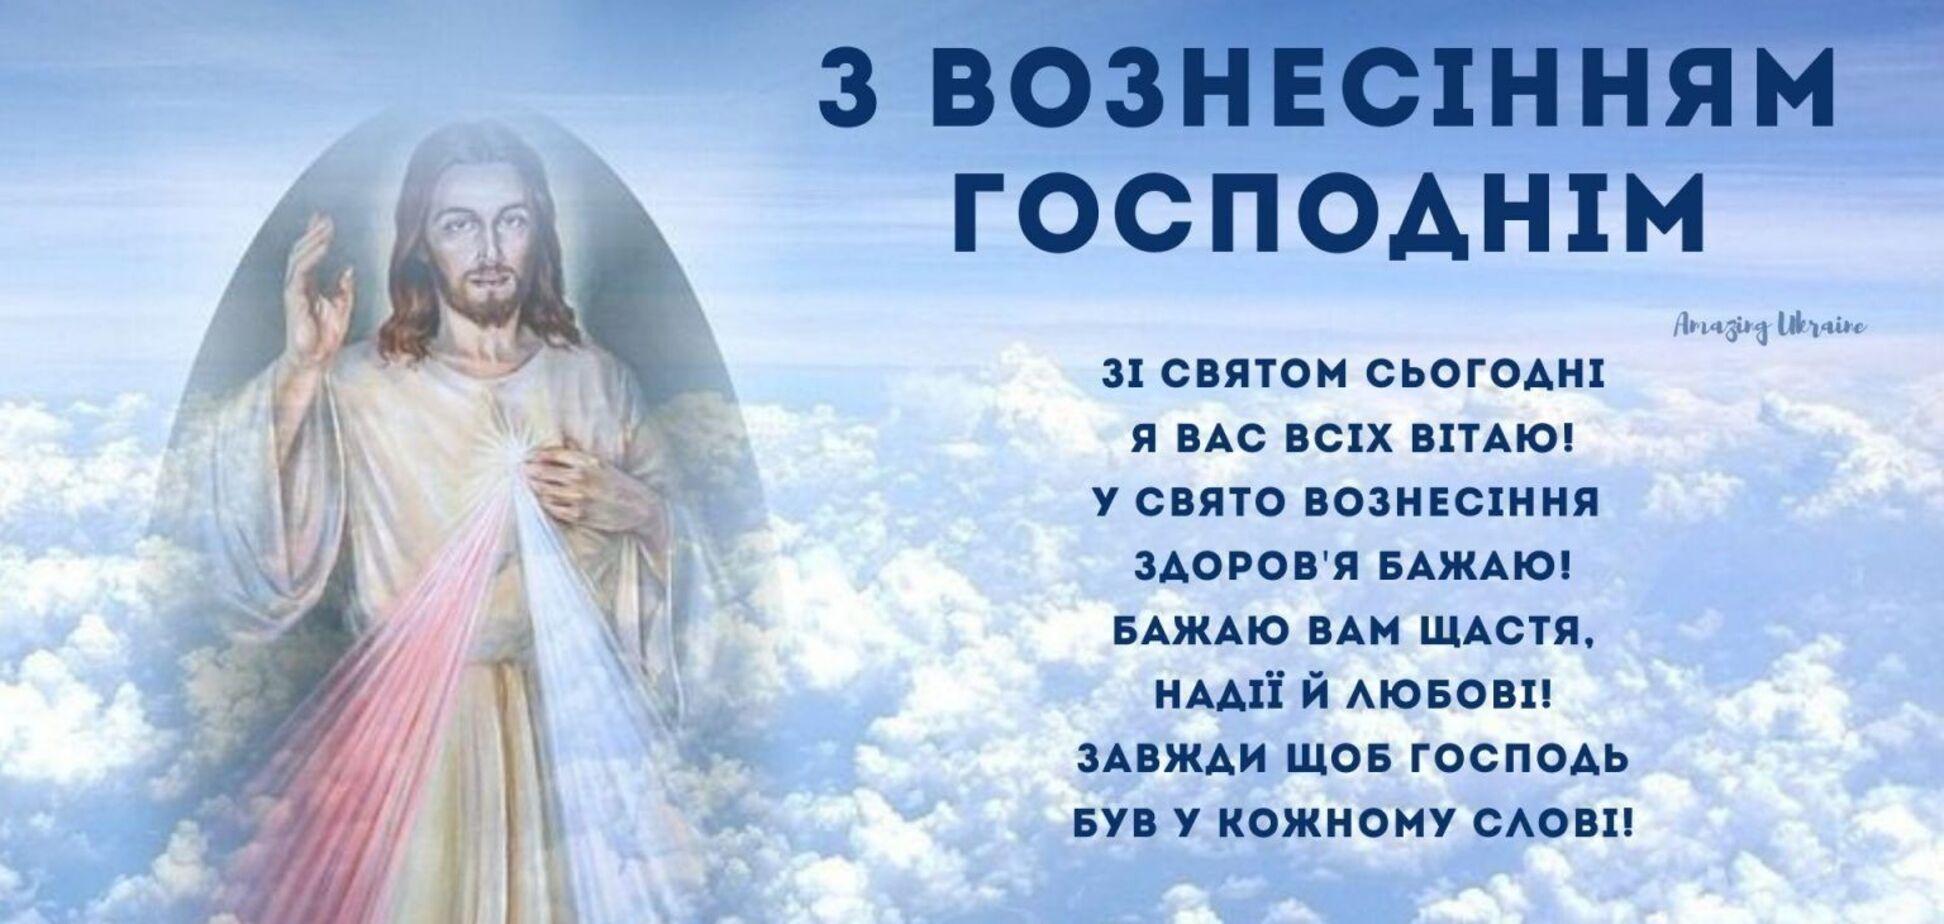 2021 року Вознесіння Господнє відзначається 10 червня